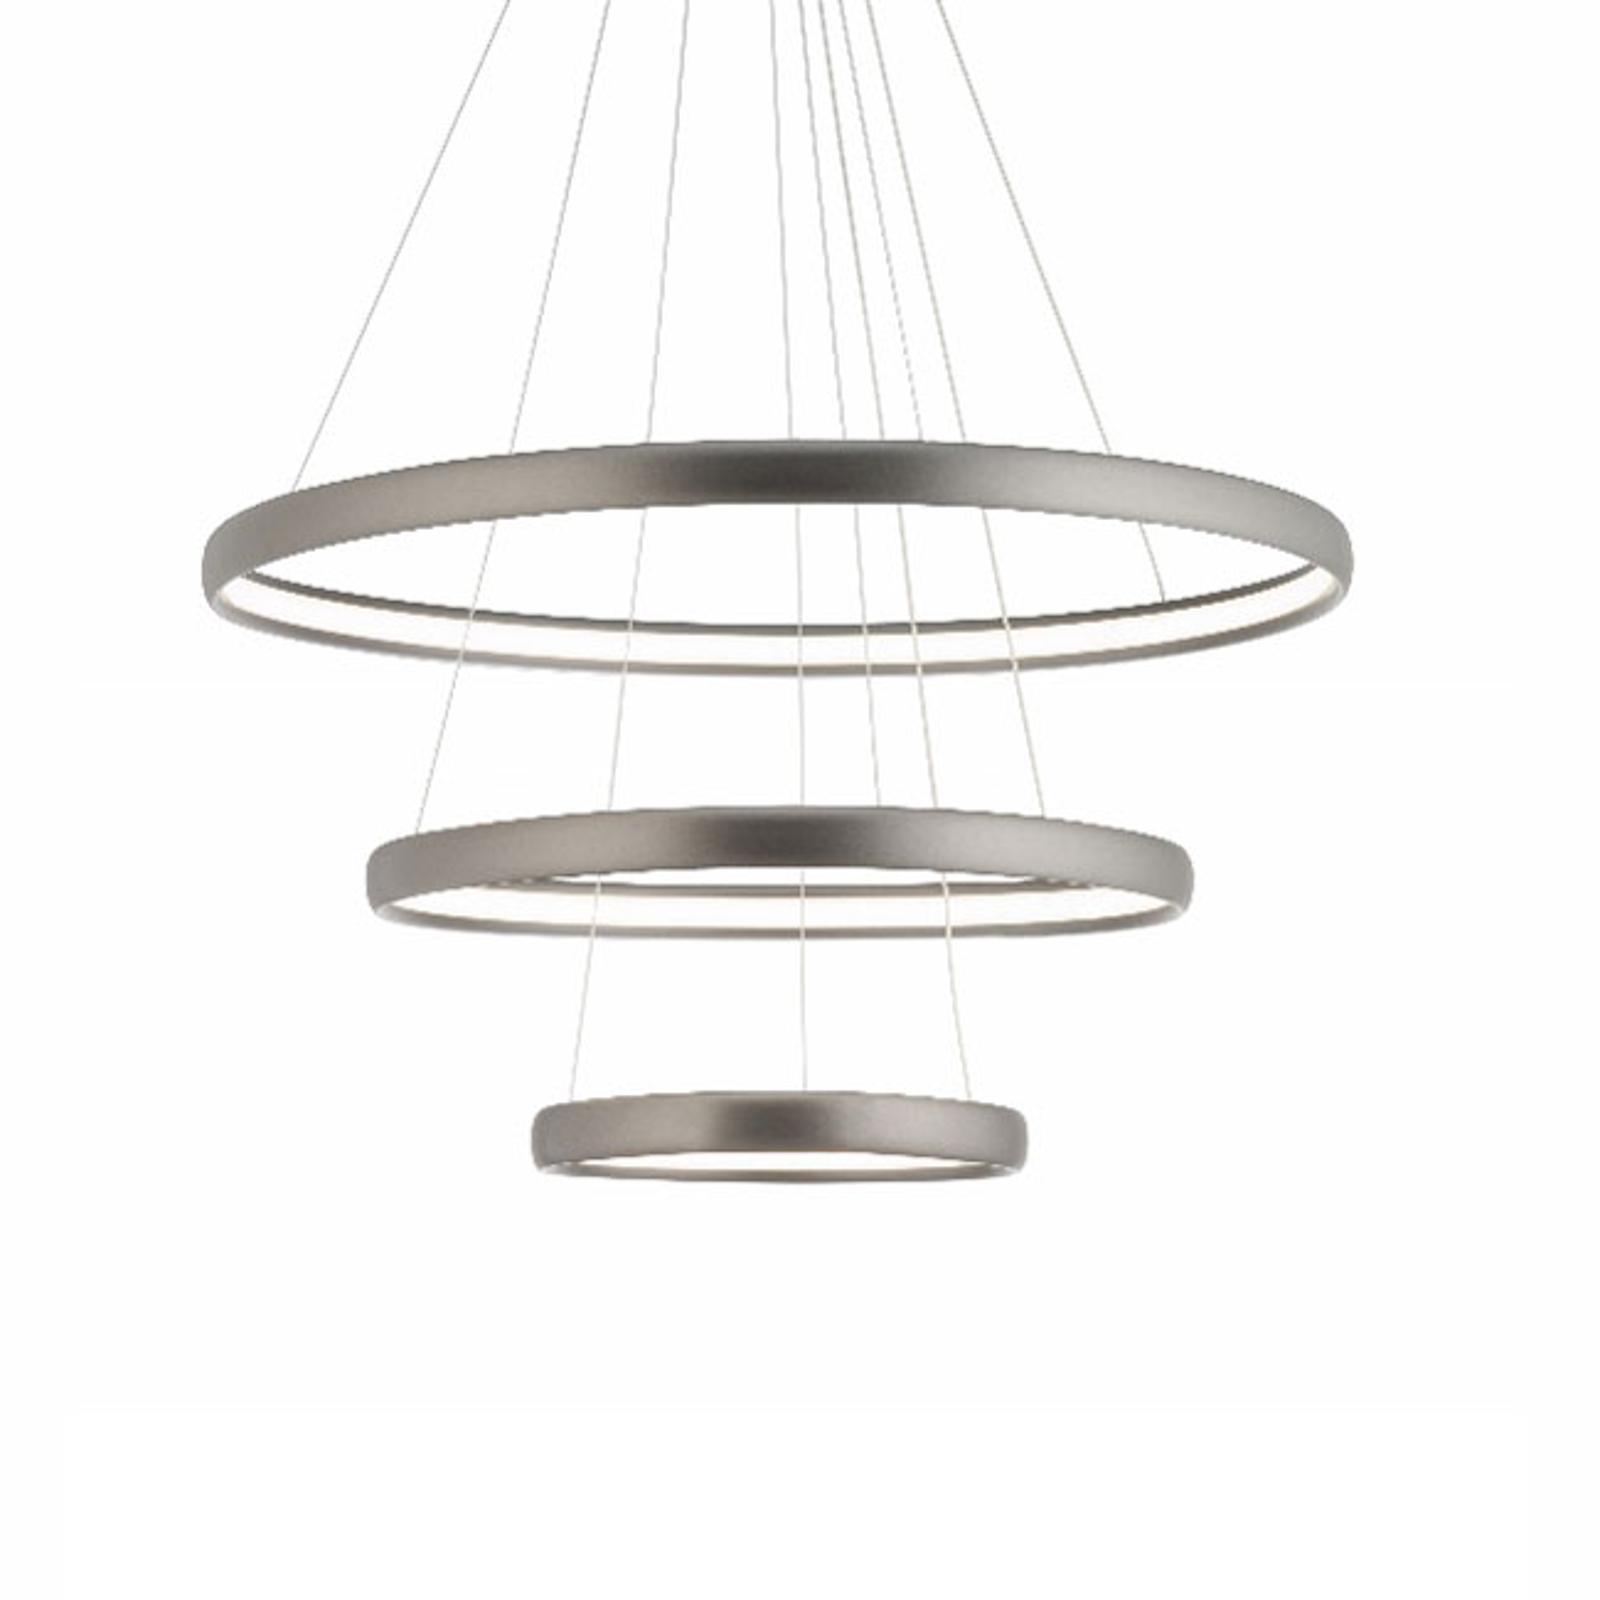 LED-riippuvalaisin Trinity alumiinia, hopea